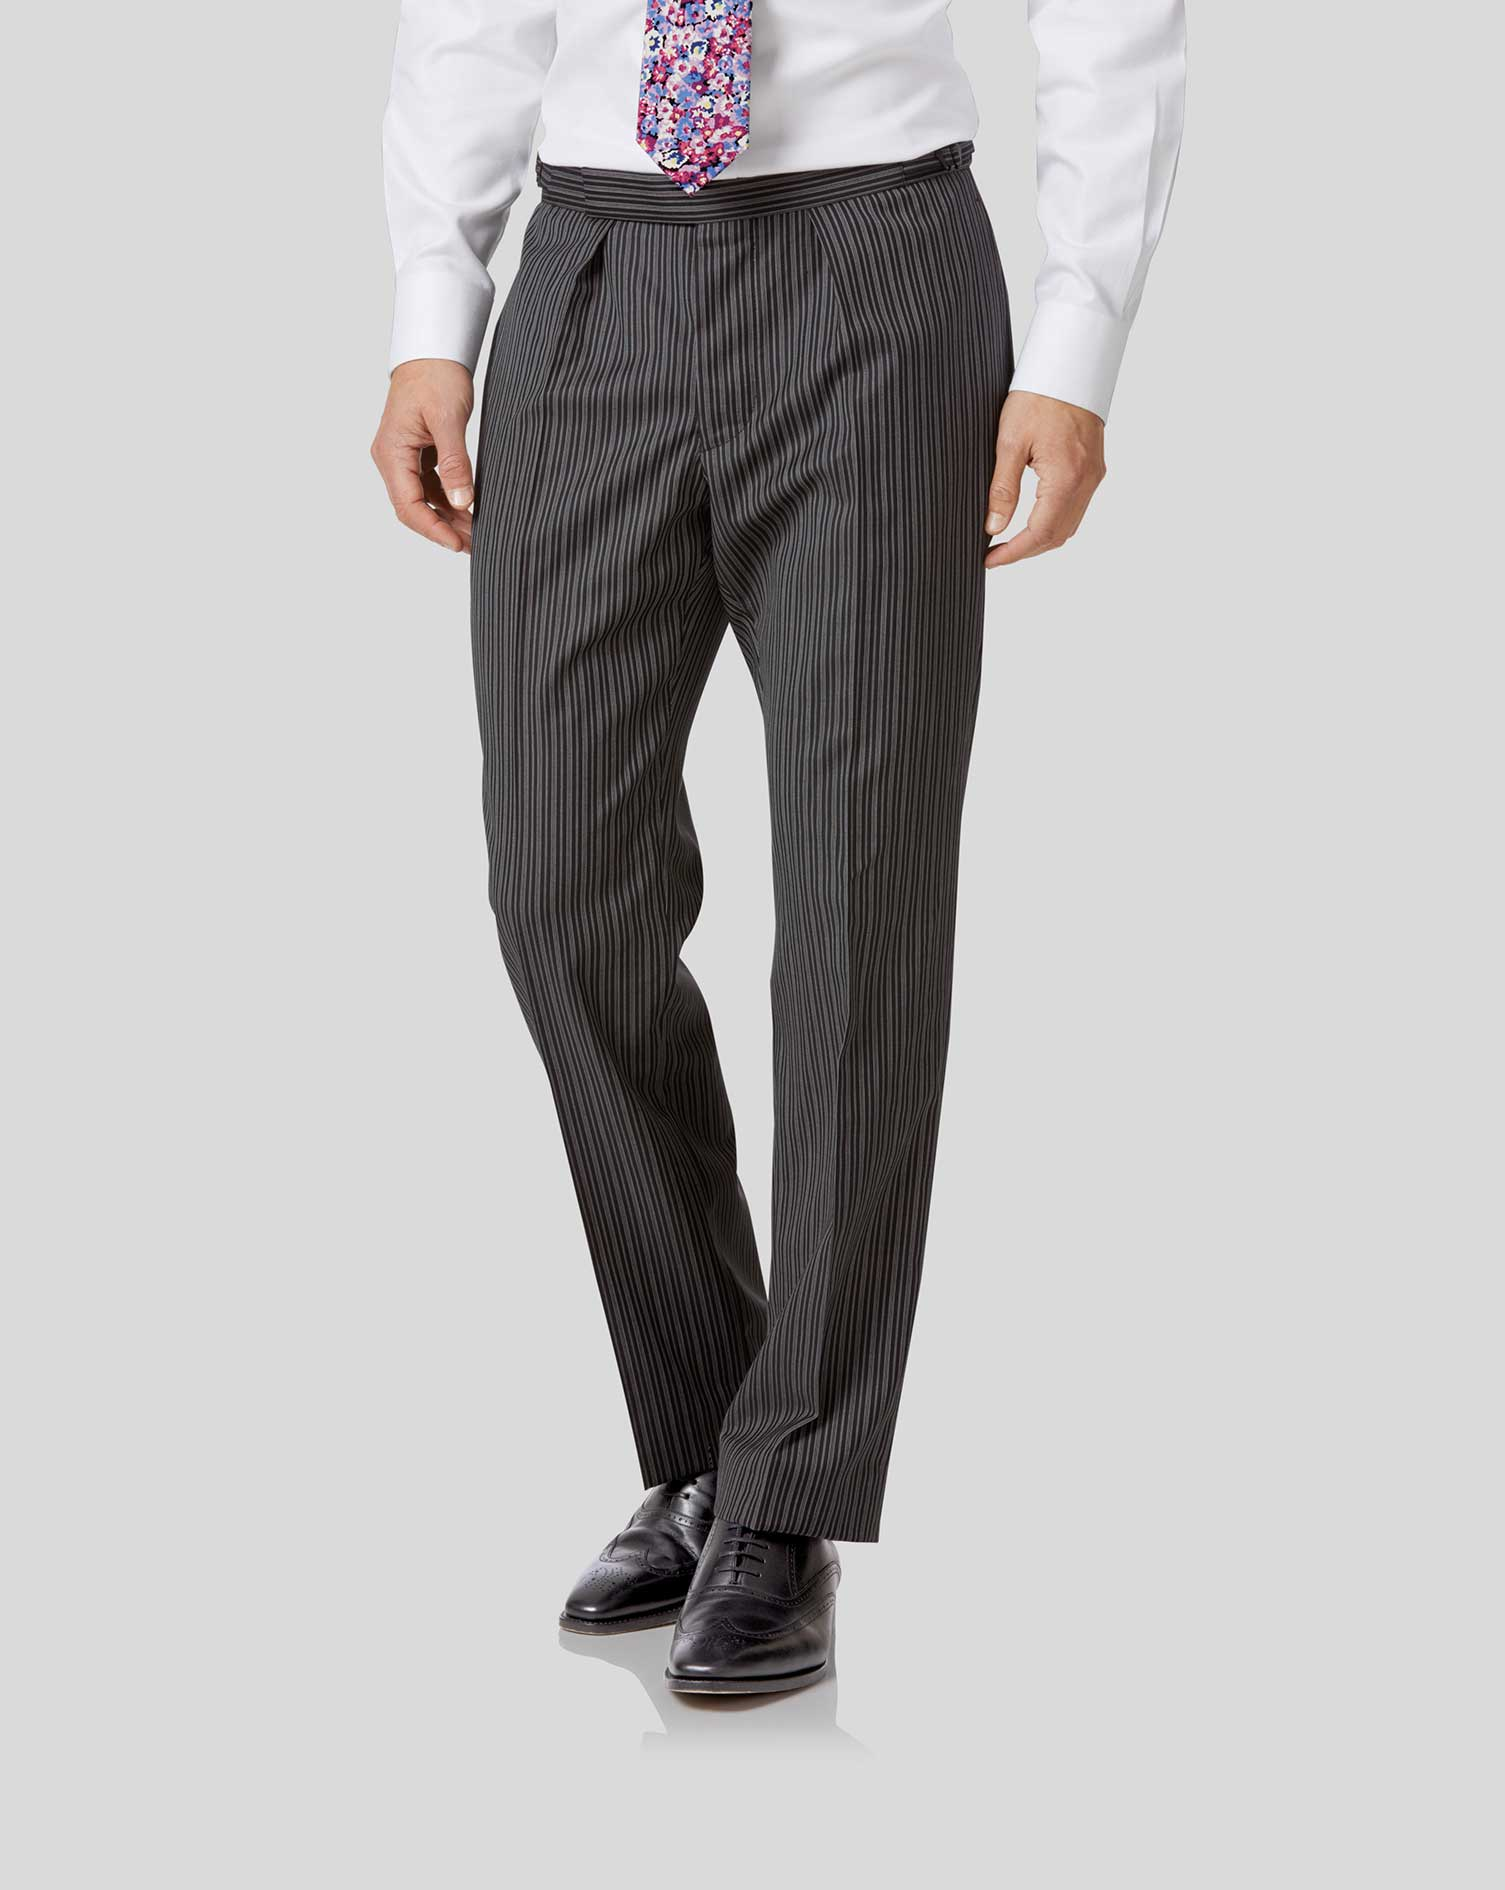 Black morning suit   Charles Tyrwhitt